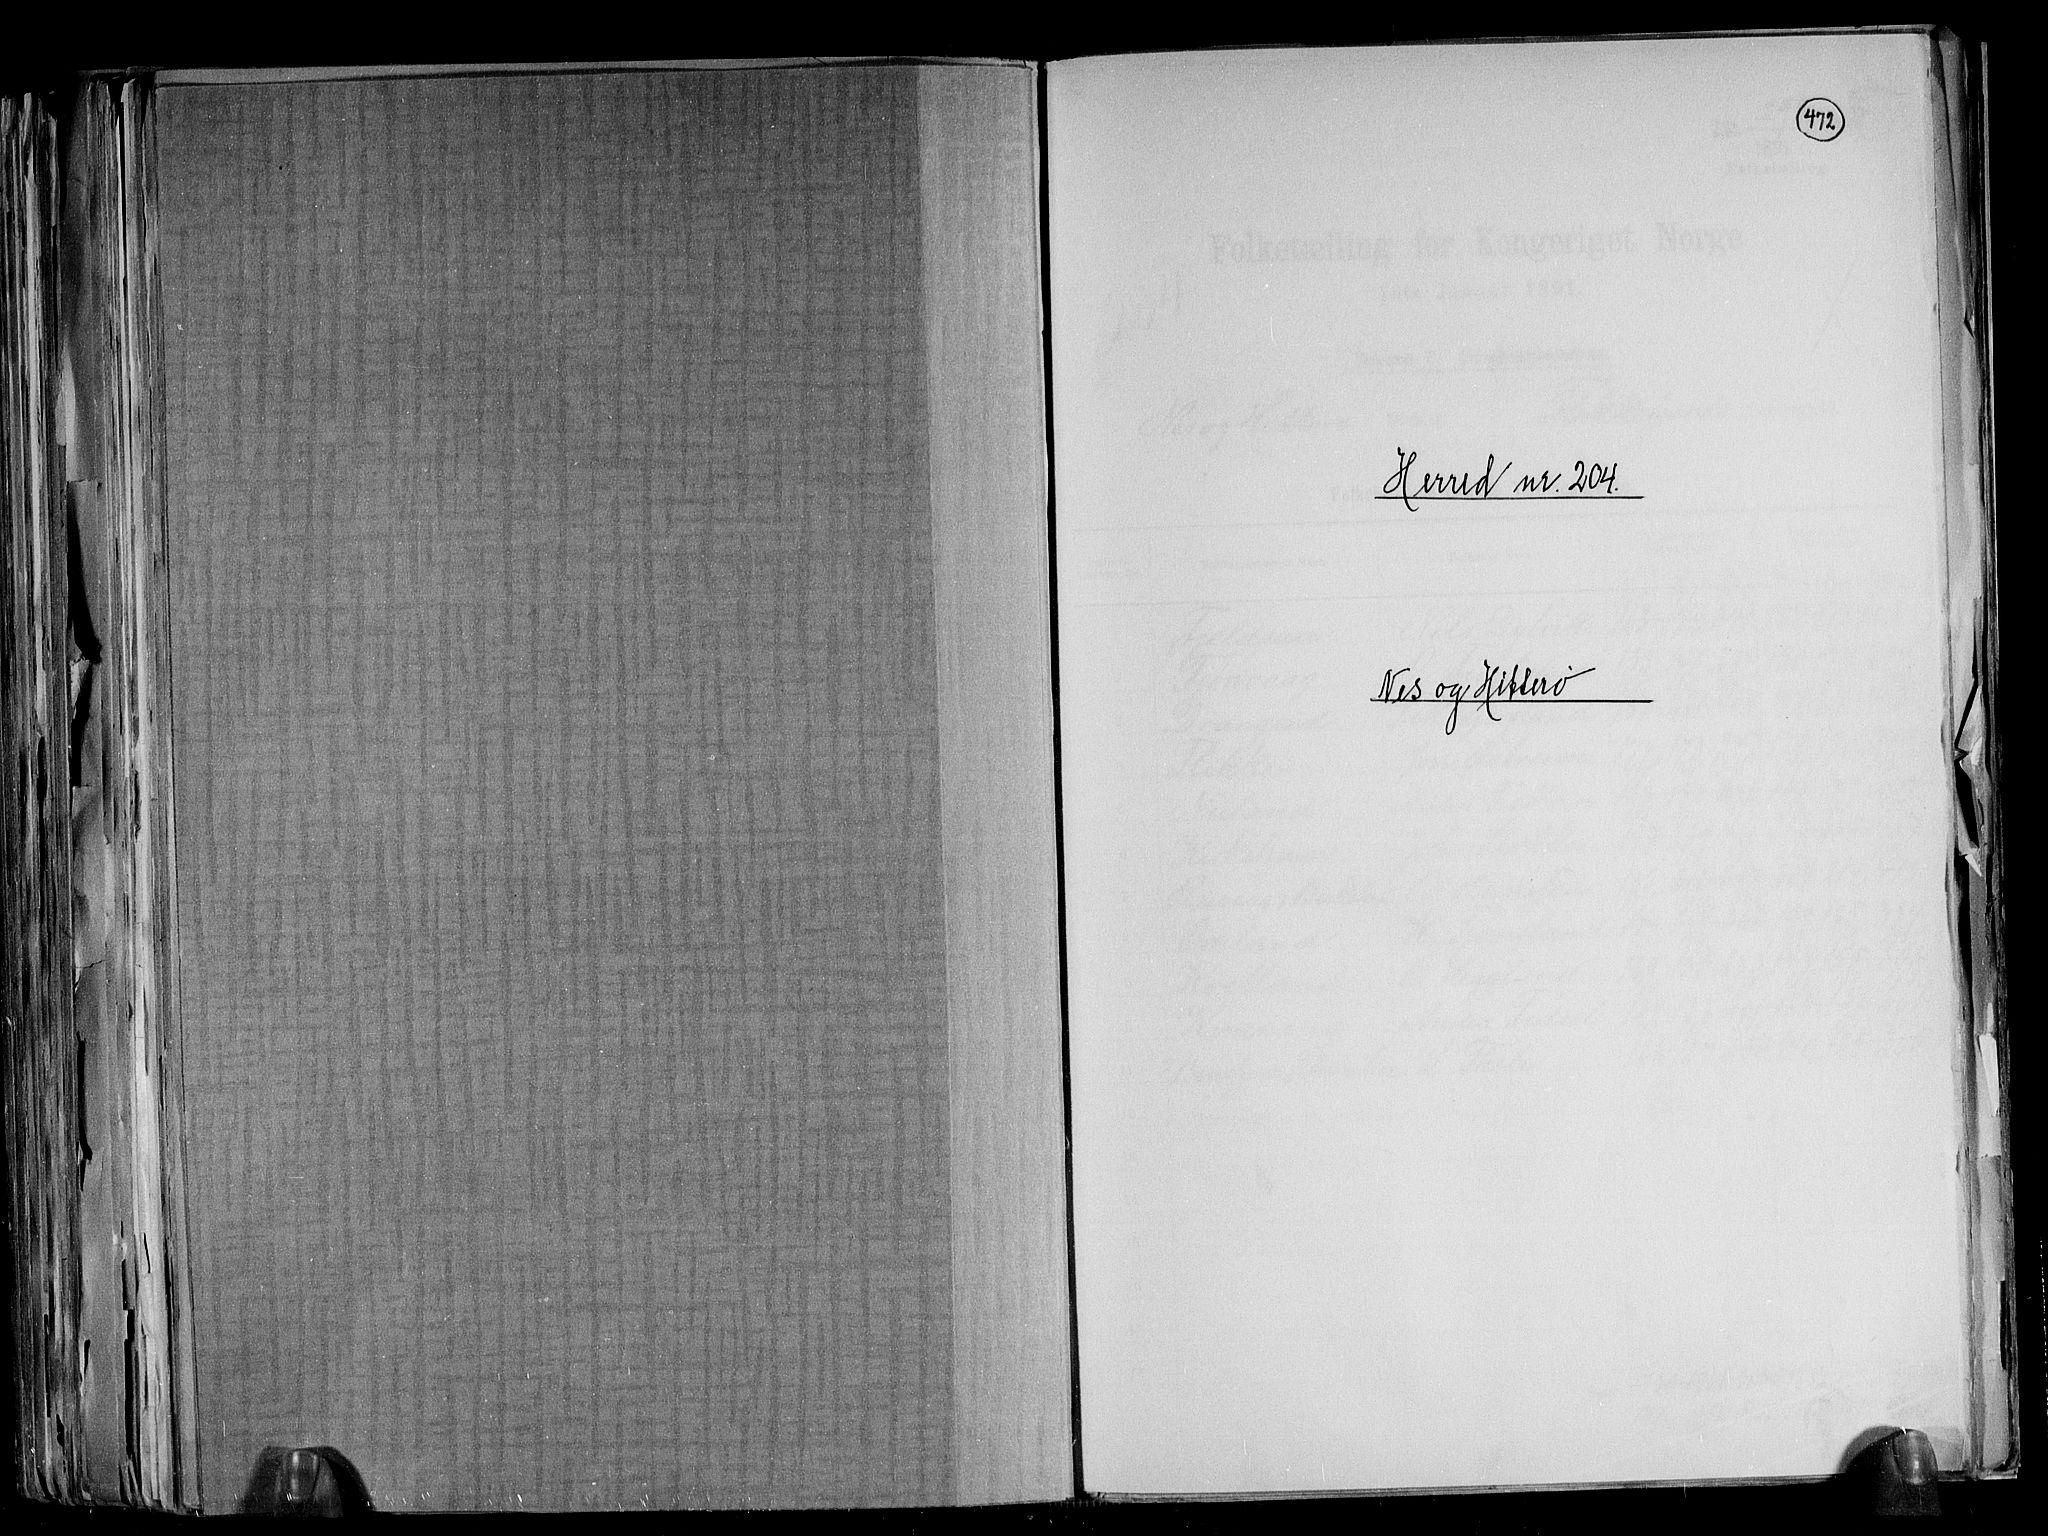 RA, Folketelling 1891 for 1043 Hidra og Nes herred, 1891, s. 1